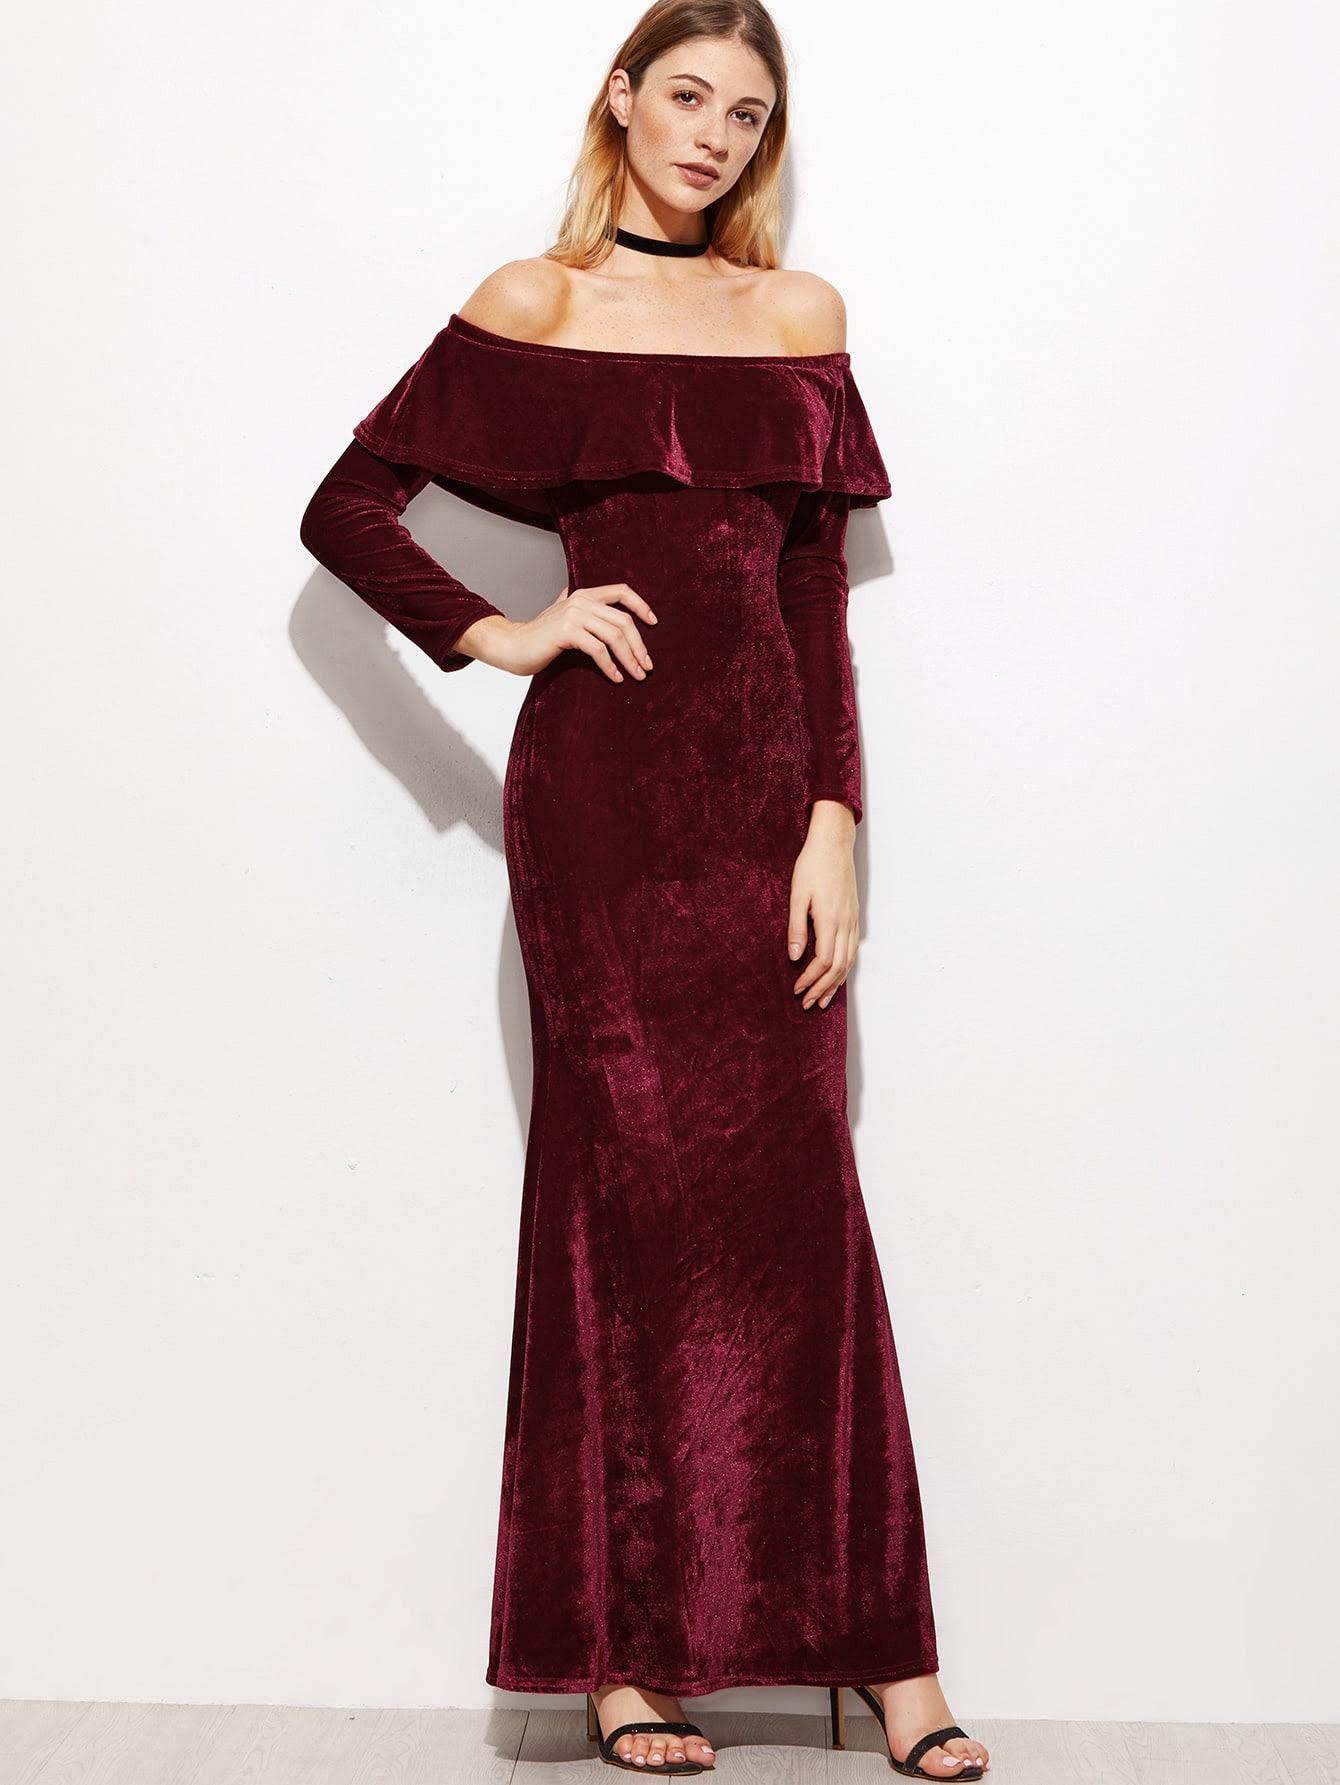 dress161026715_2